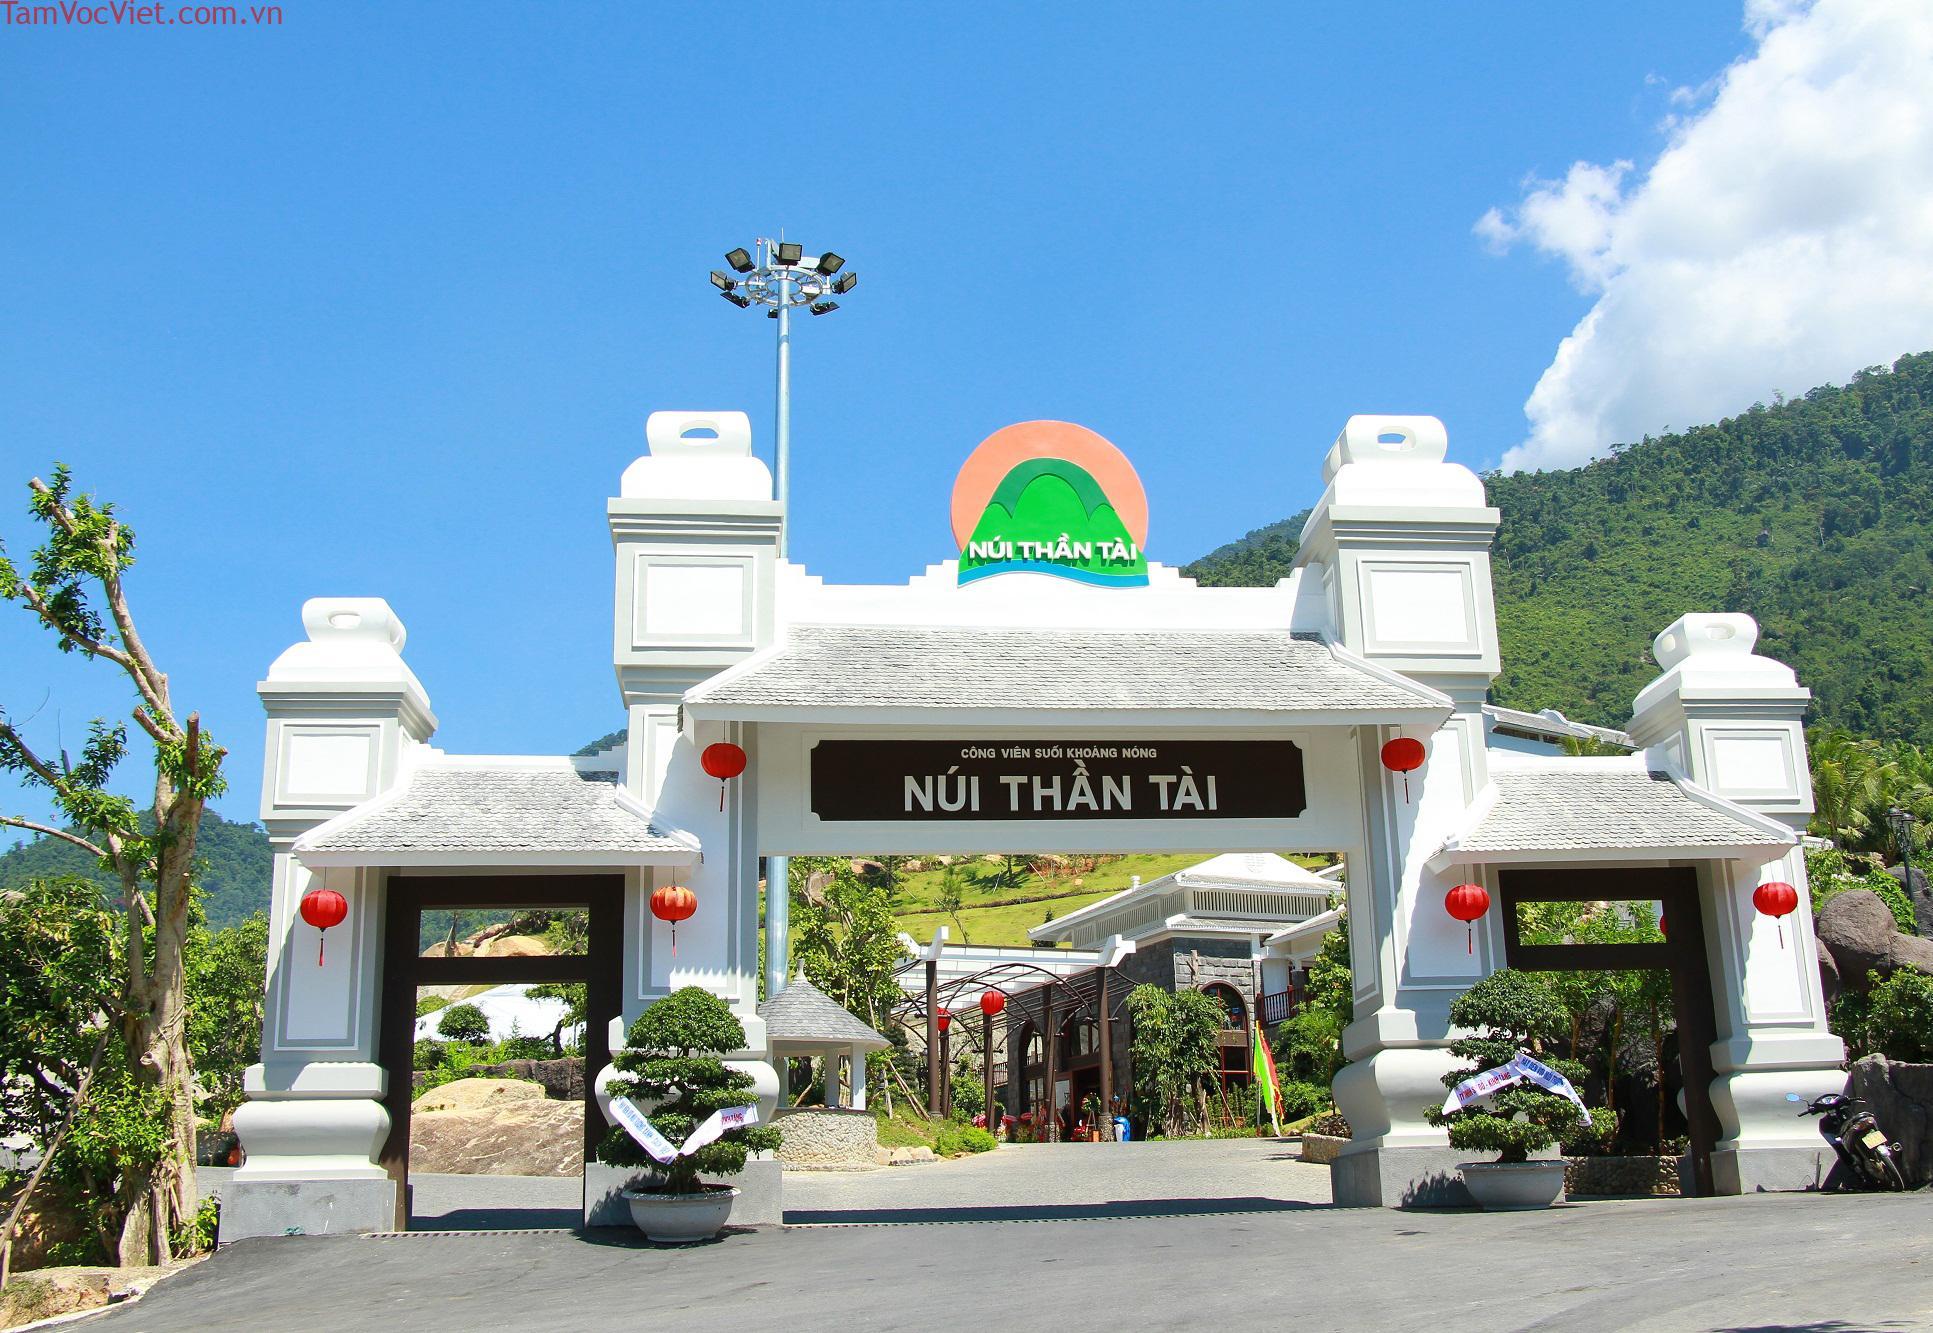 Tour Suối Khoáng Nóng Núi Thần Tài 1 Ngày